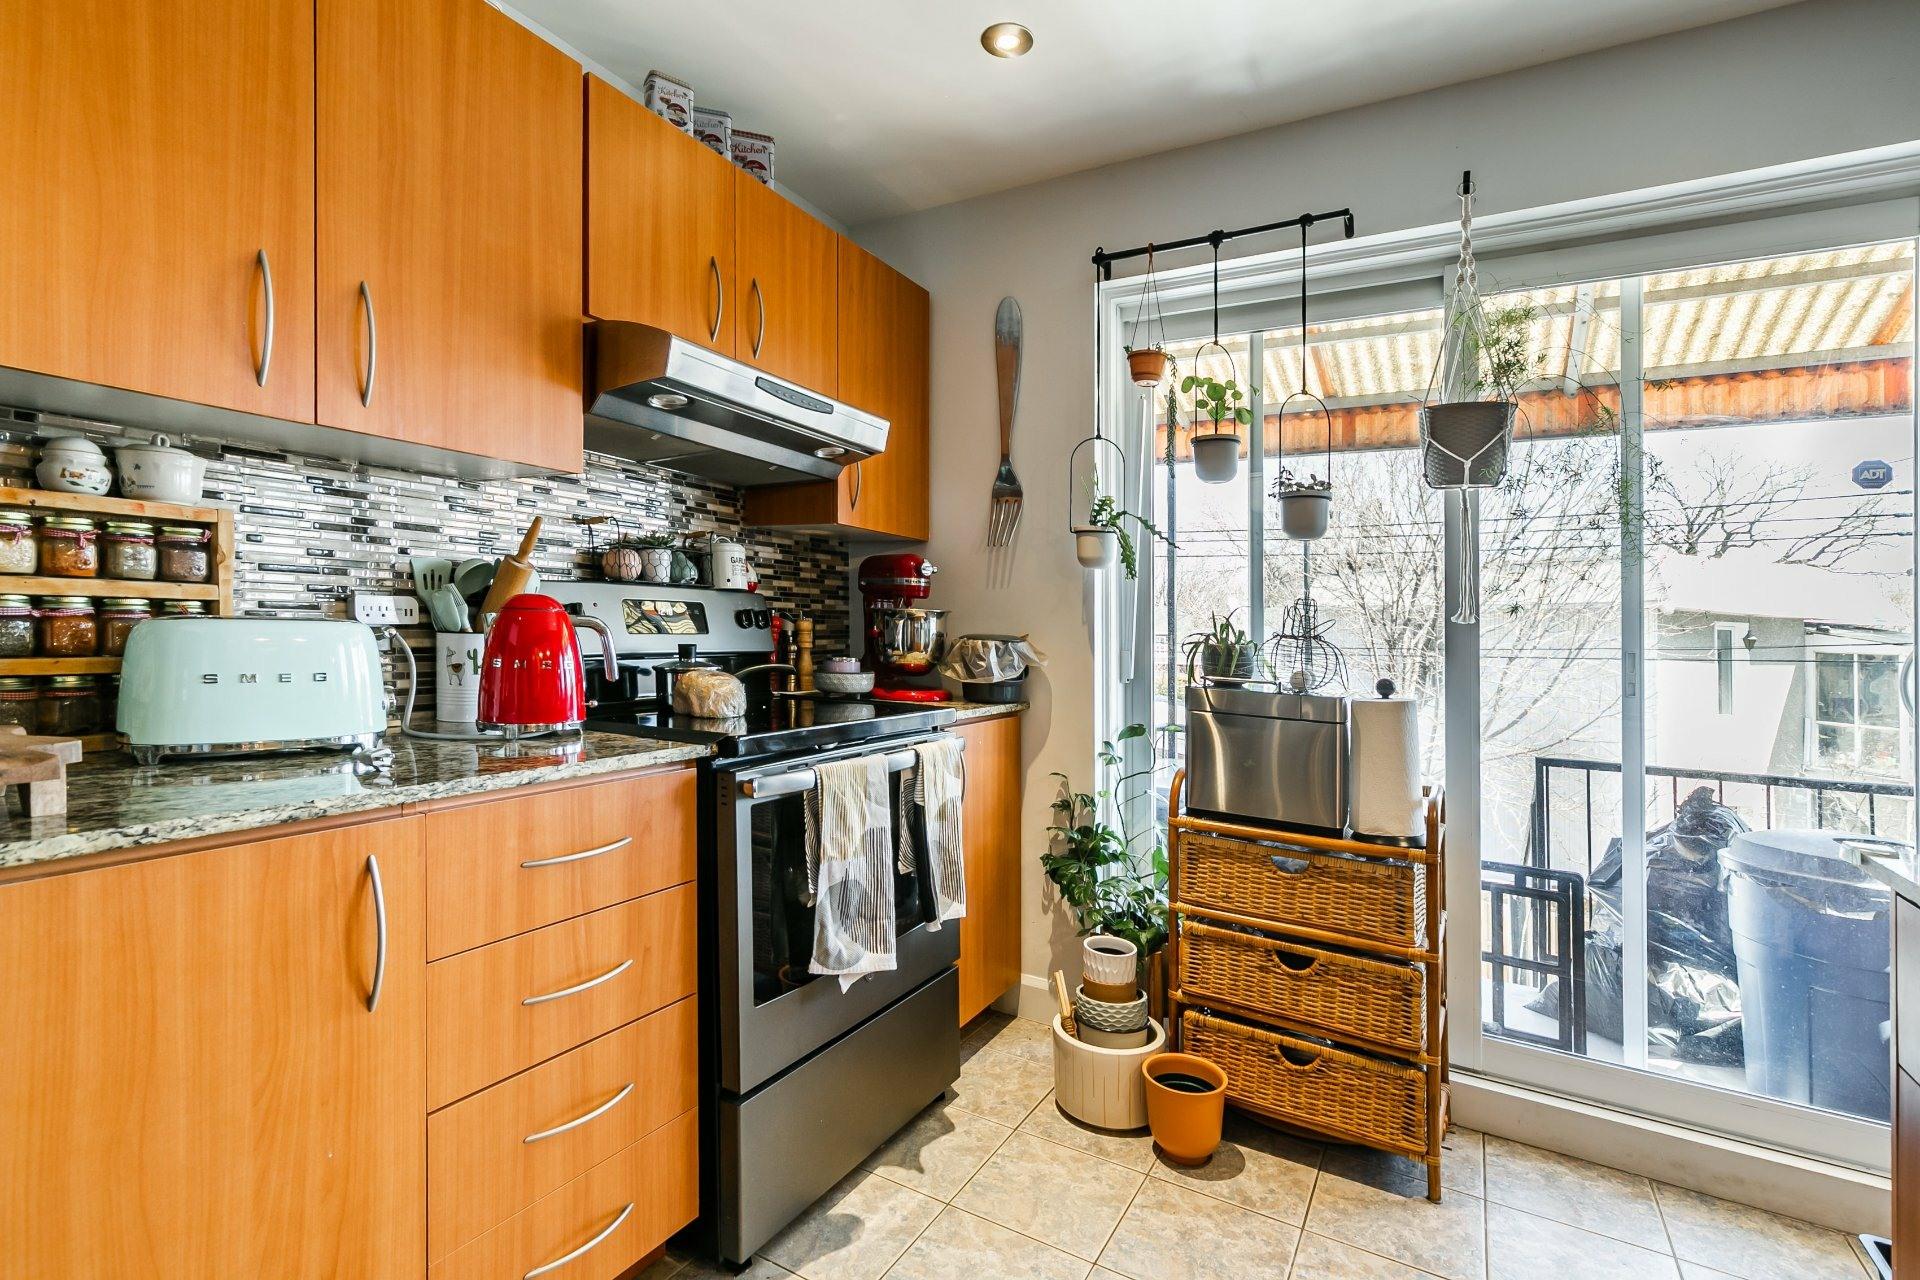 image 8 - Appartement À louer Anjou Montréal  - 5 pièces